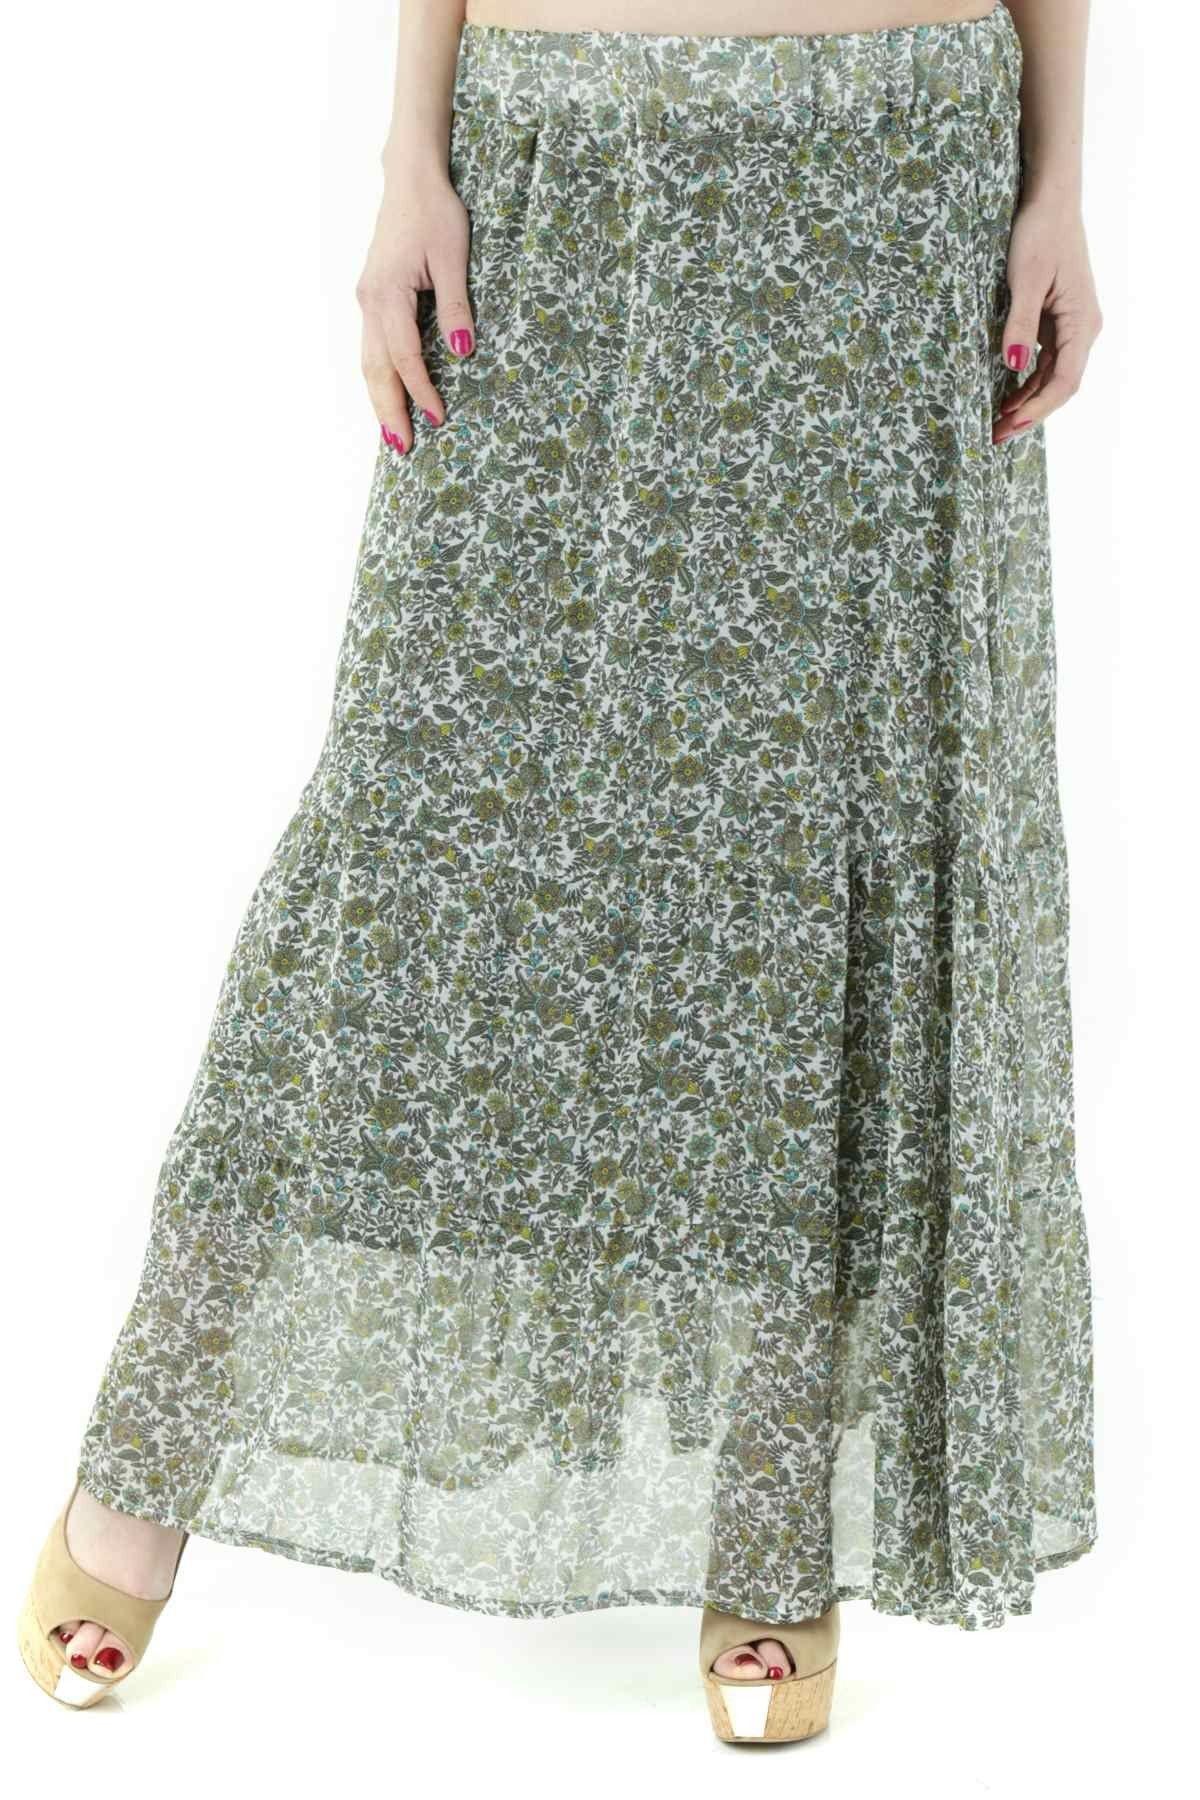 525 Women's Skirt In Green